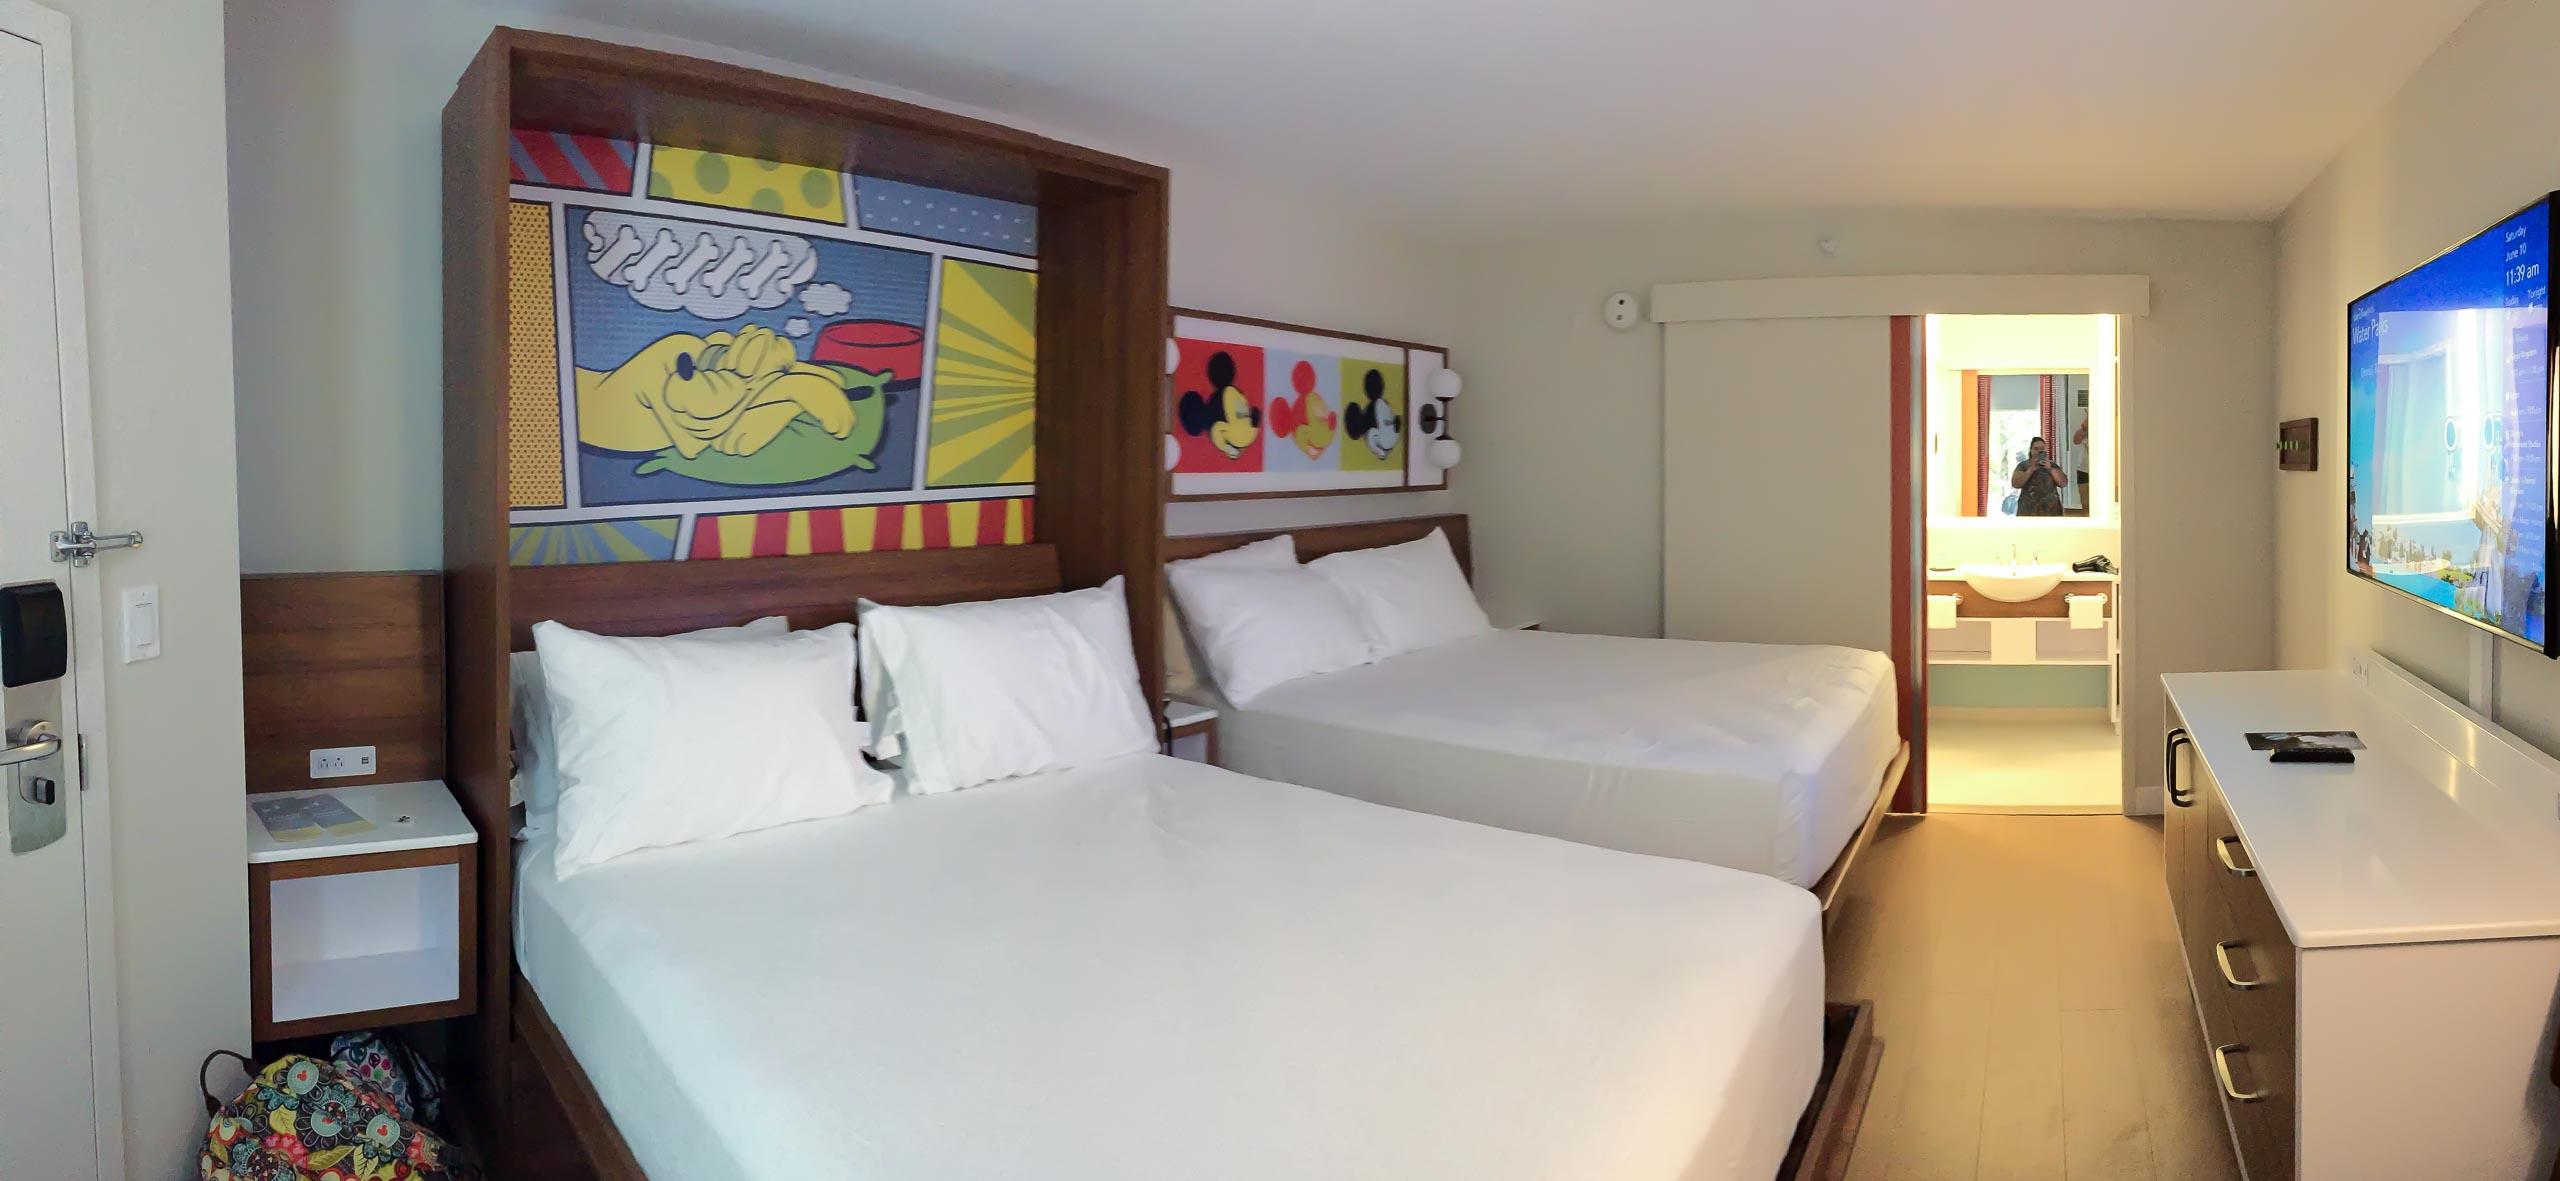 PHOTOS - New look guest rooms at Disney\'s Pop Century Resort